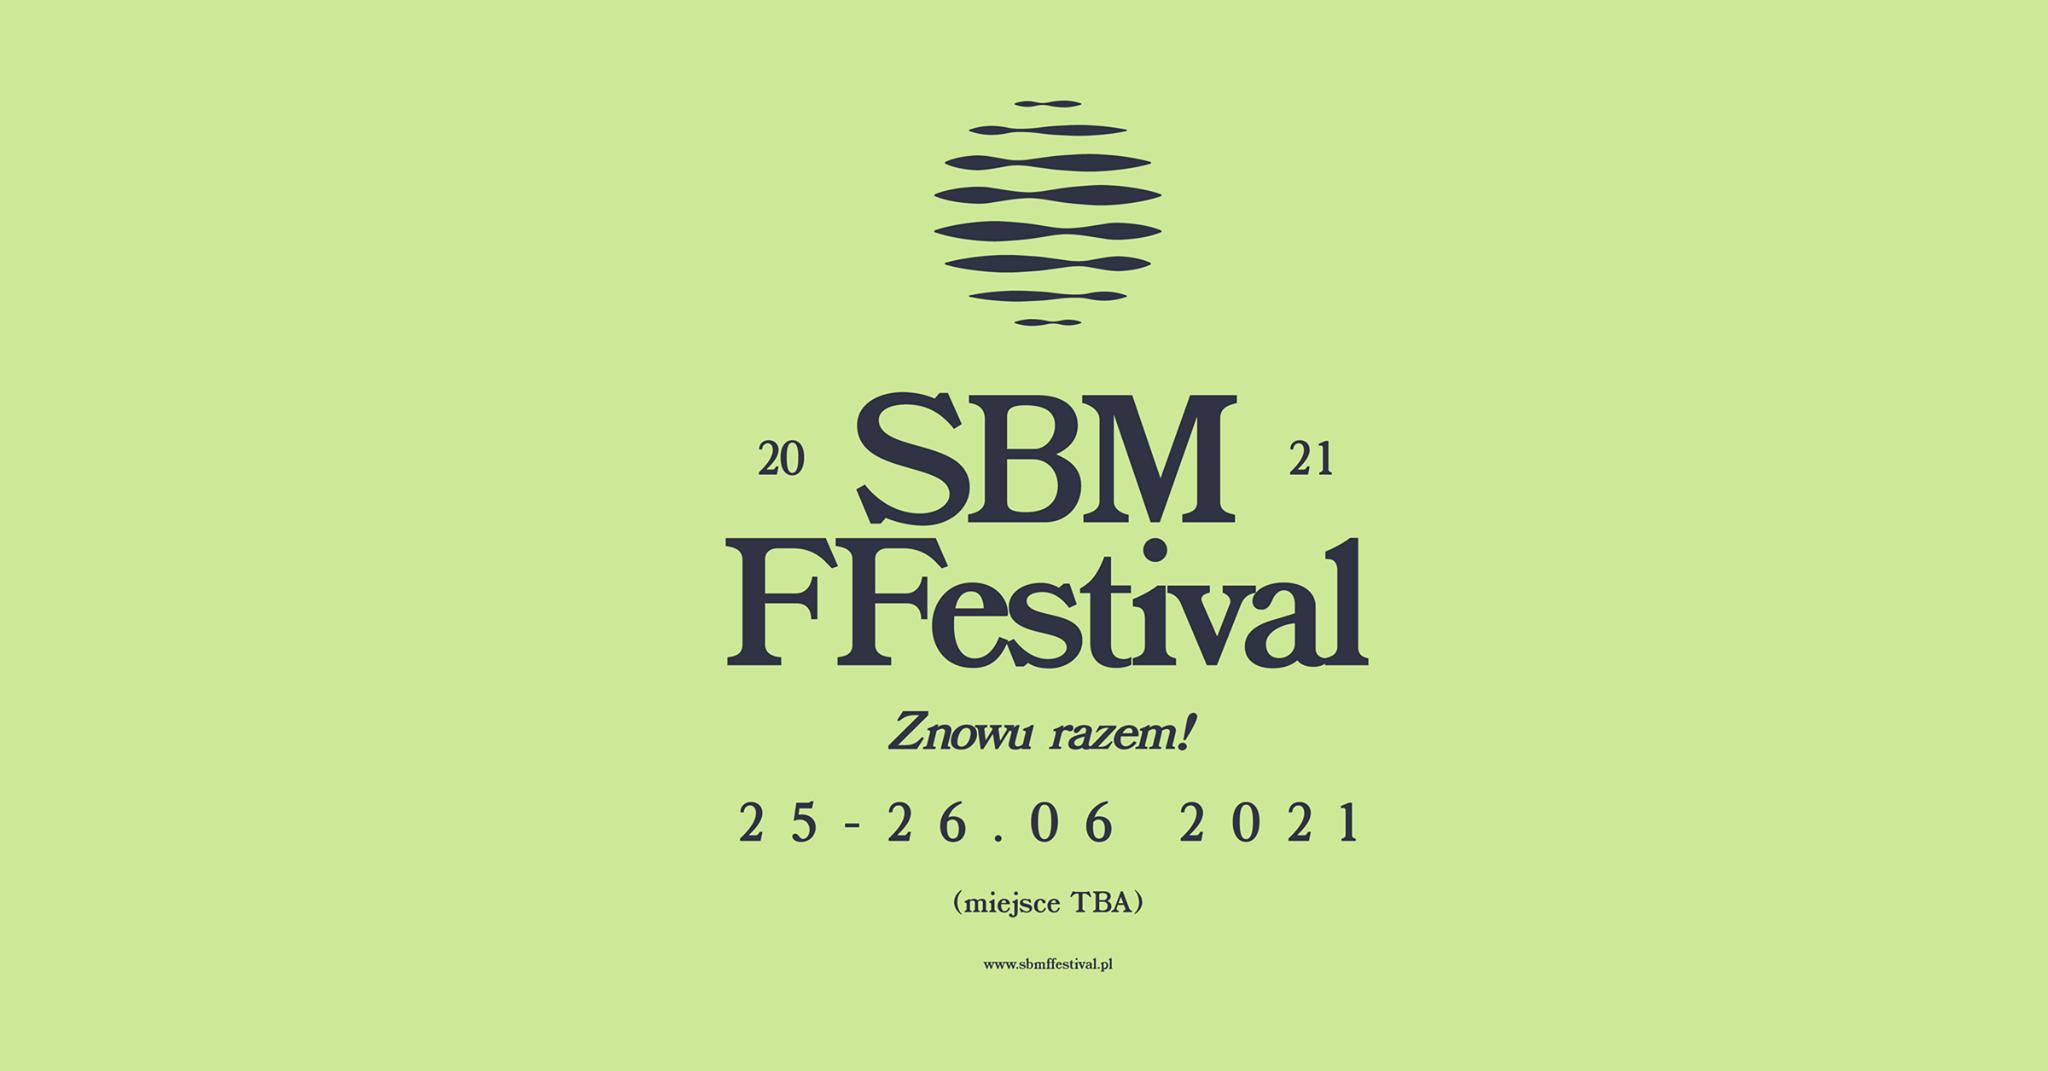 SBM FFestival 2021 tym razem odbędzie się latem!